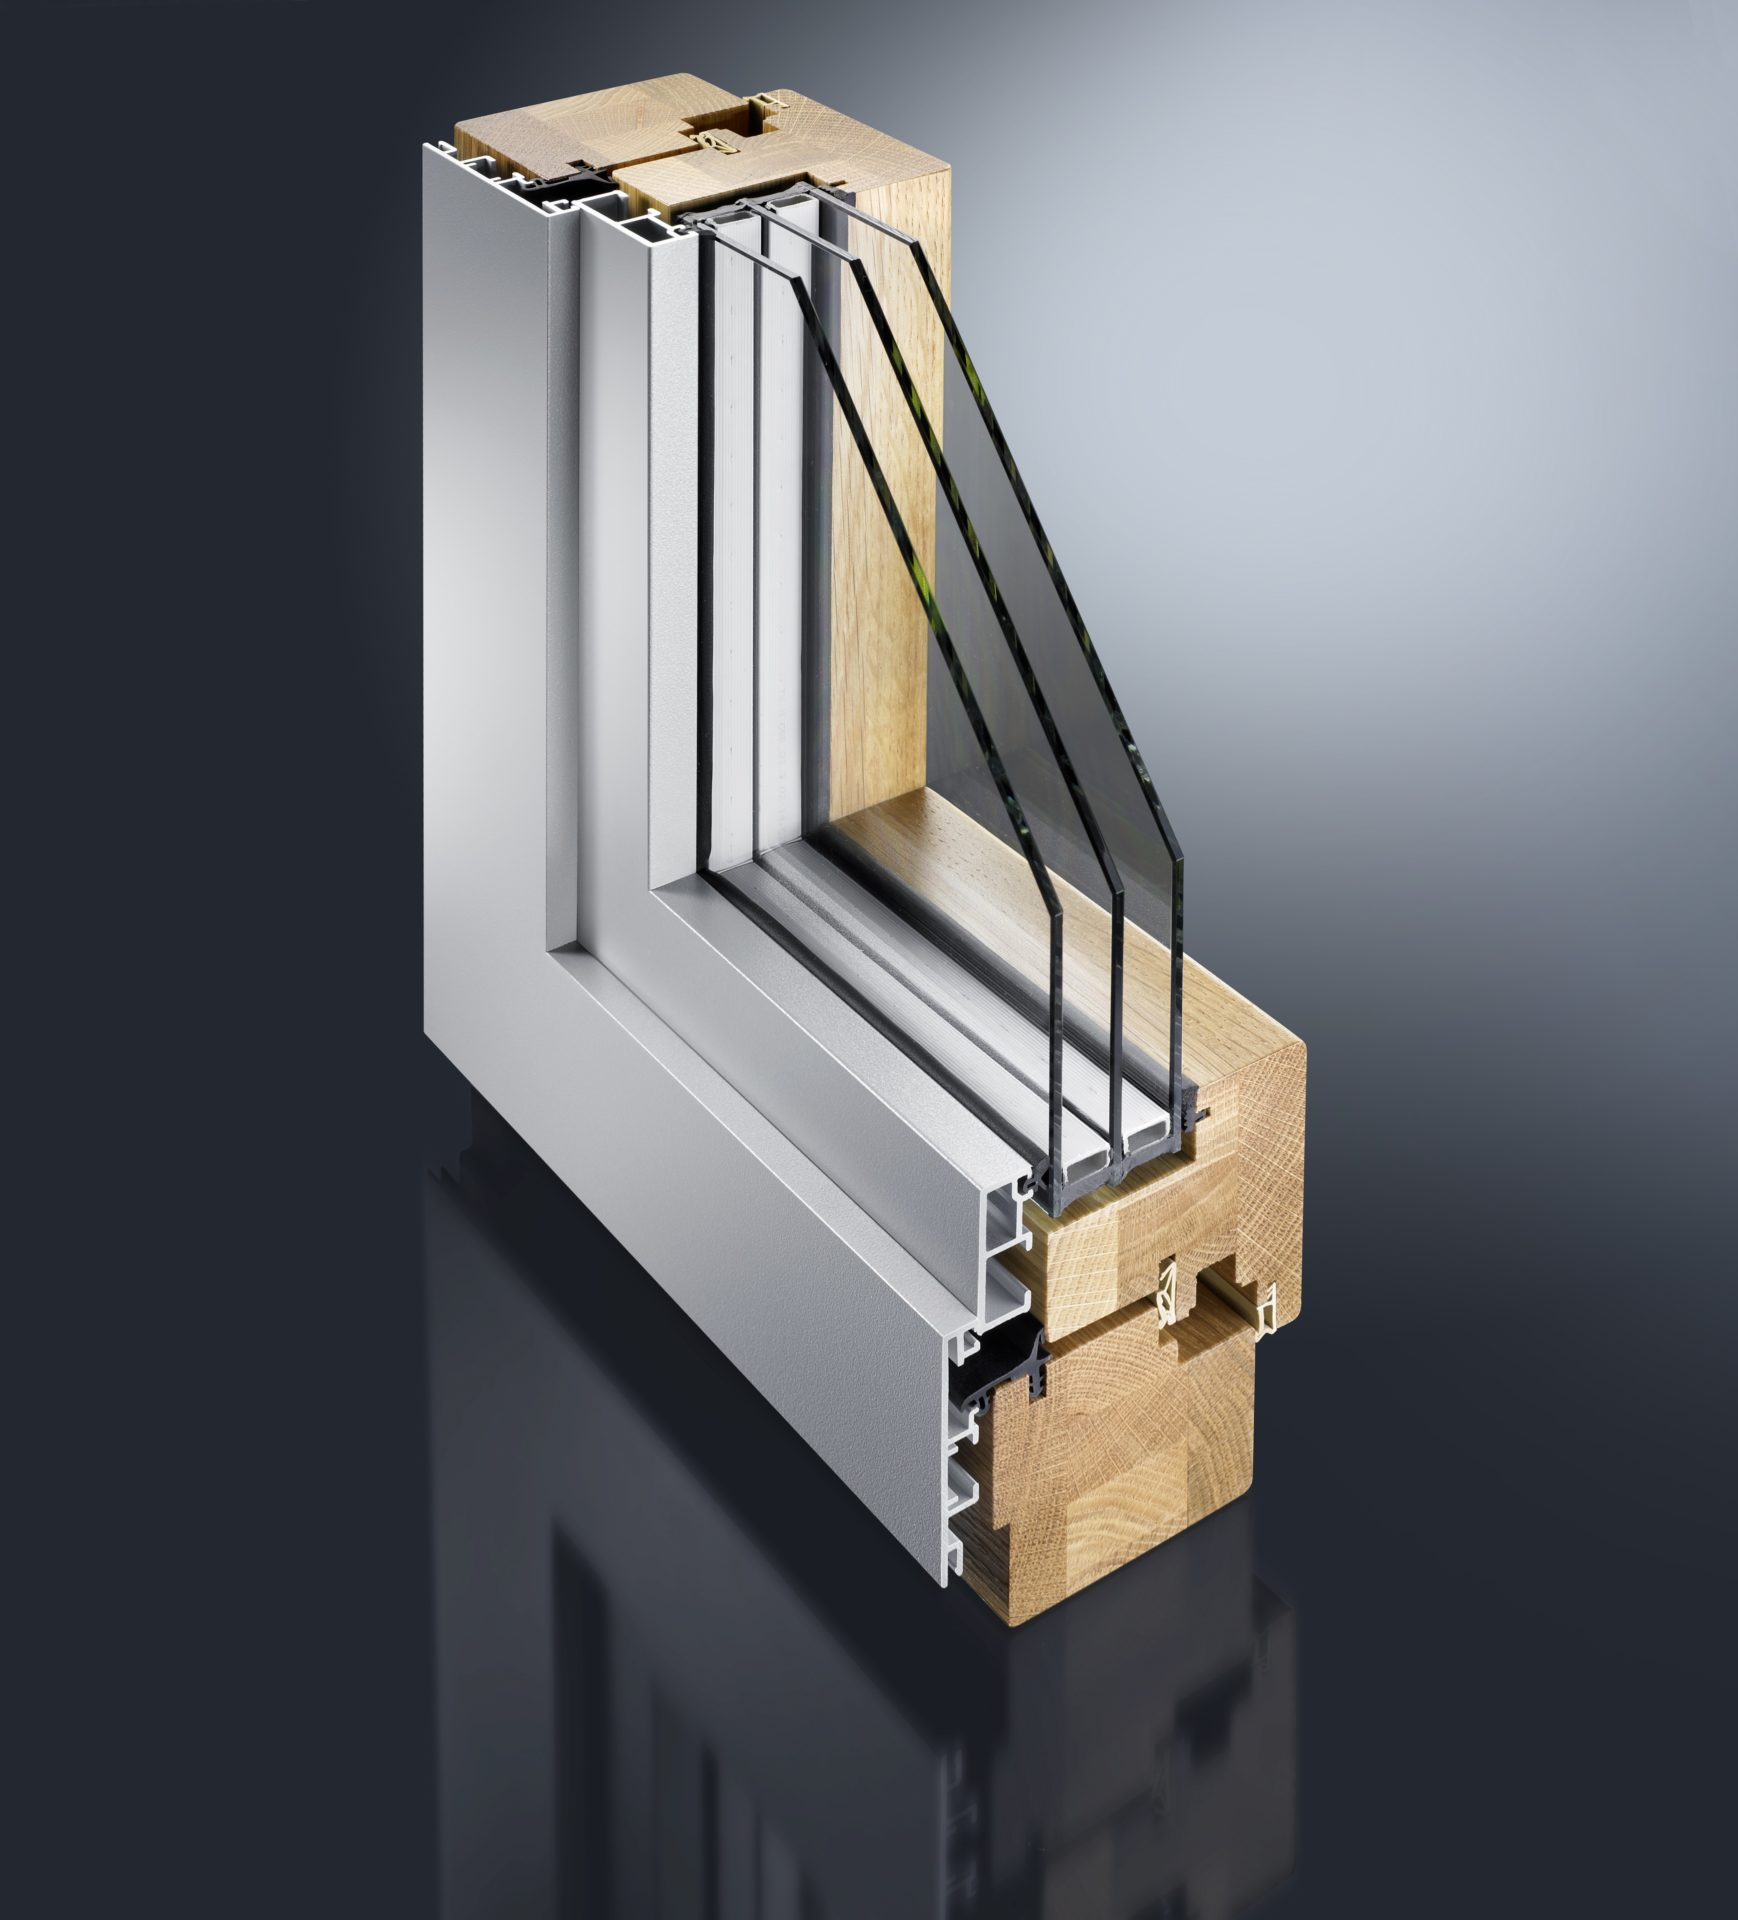 Full Size of Holz Alu Fenster Siewers Fensterbau Kosten Neue Einbau Sonnenschutz Für Auf Maß Türen Fliegennetz Weihnachtsbeleuchtung Jalousien Innen Aluminium Fenster Alu Fenster